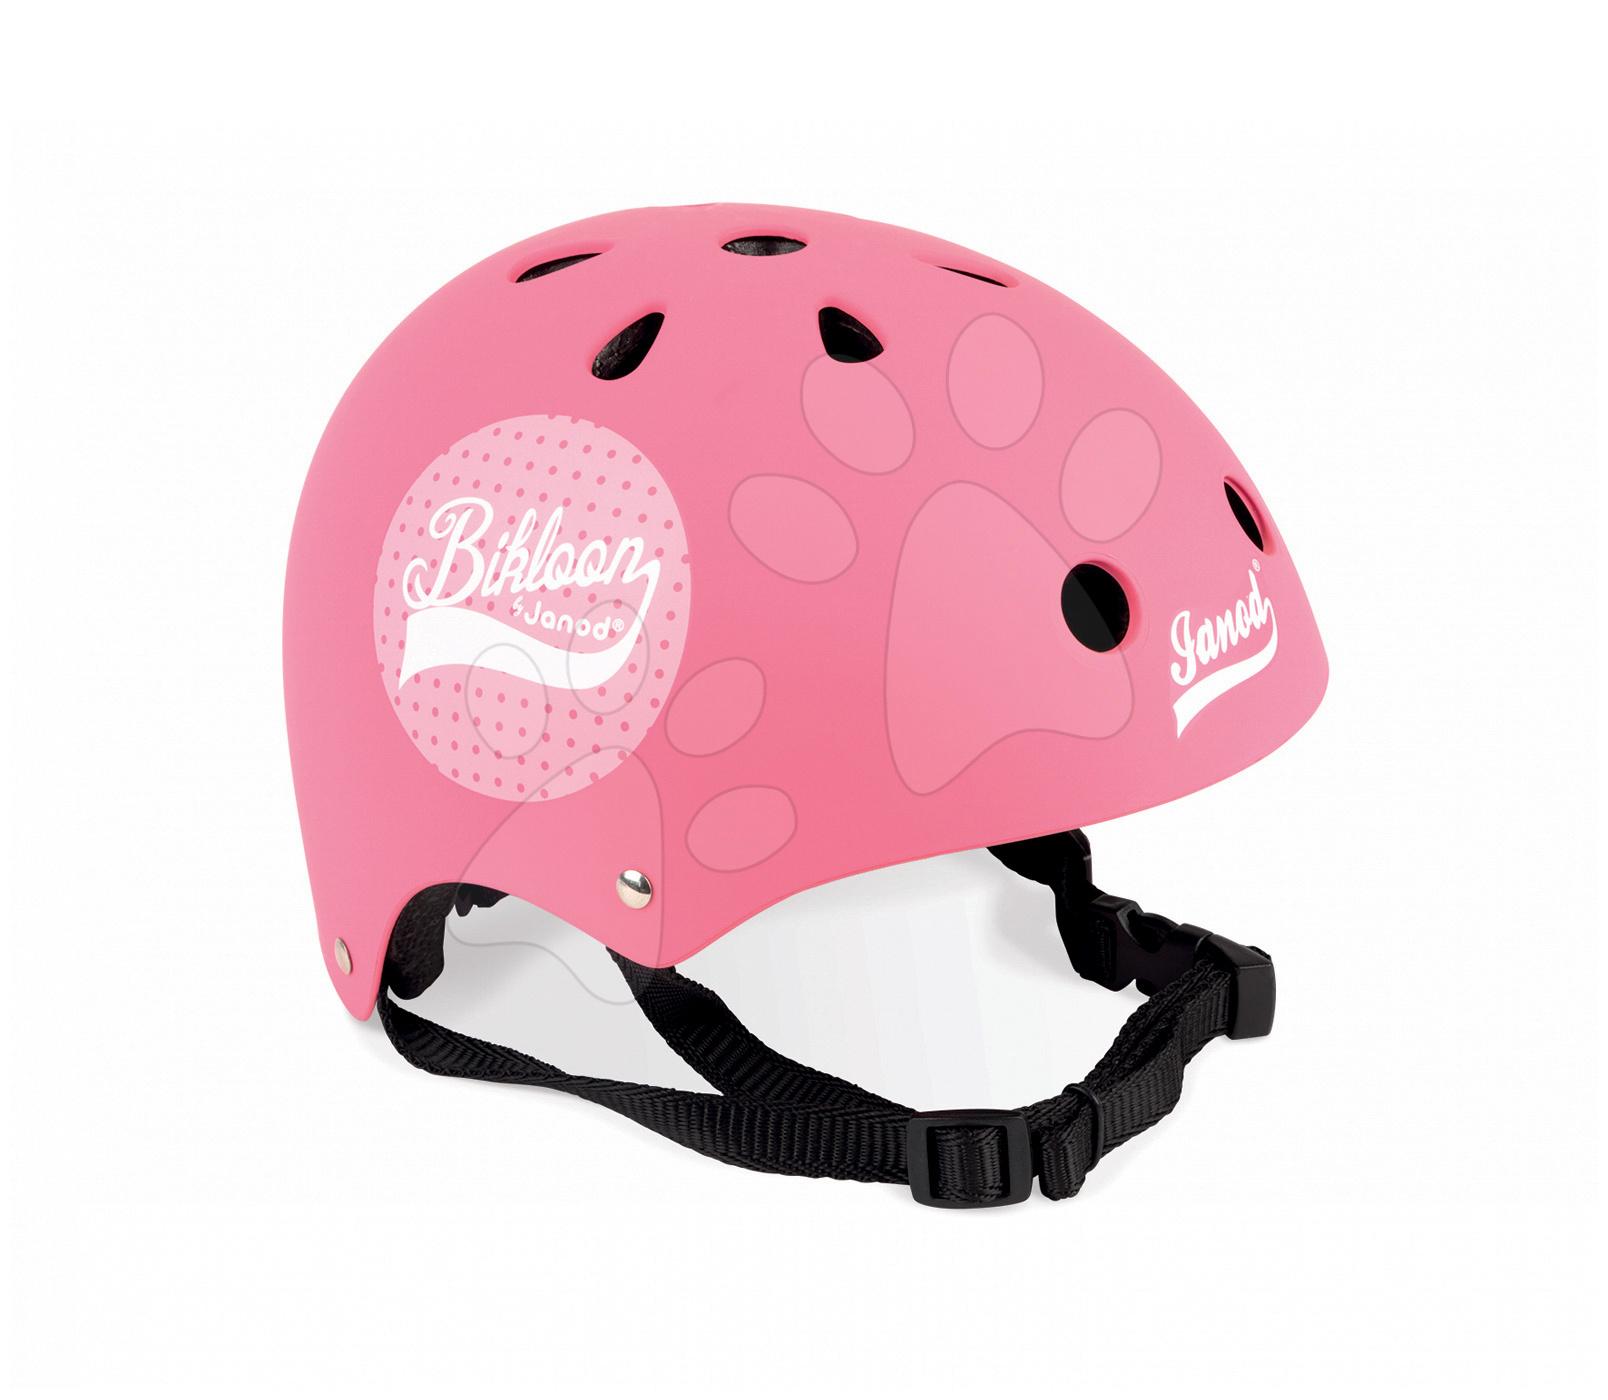 Přilba k odrážedlu Bikloon Pink Janod s ventilací velikost 47-54 cm růžová od 3 let